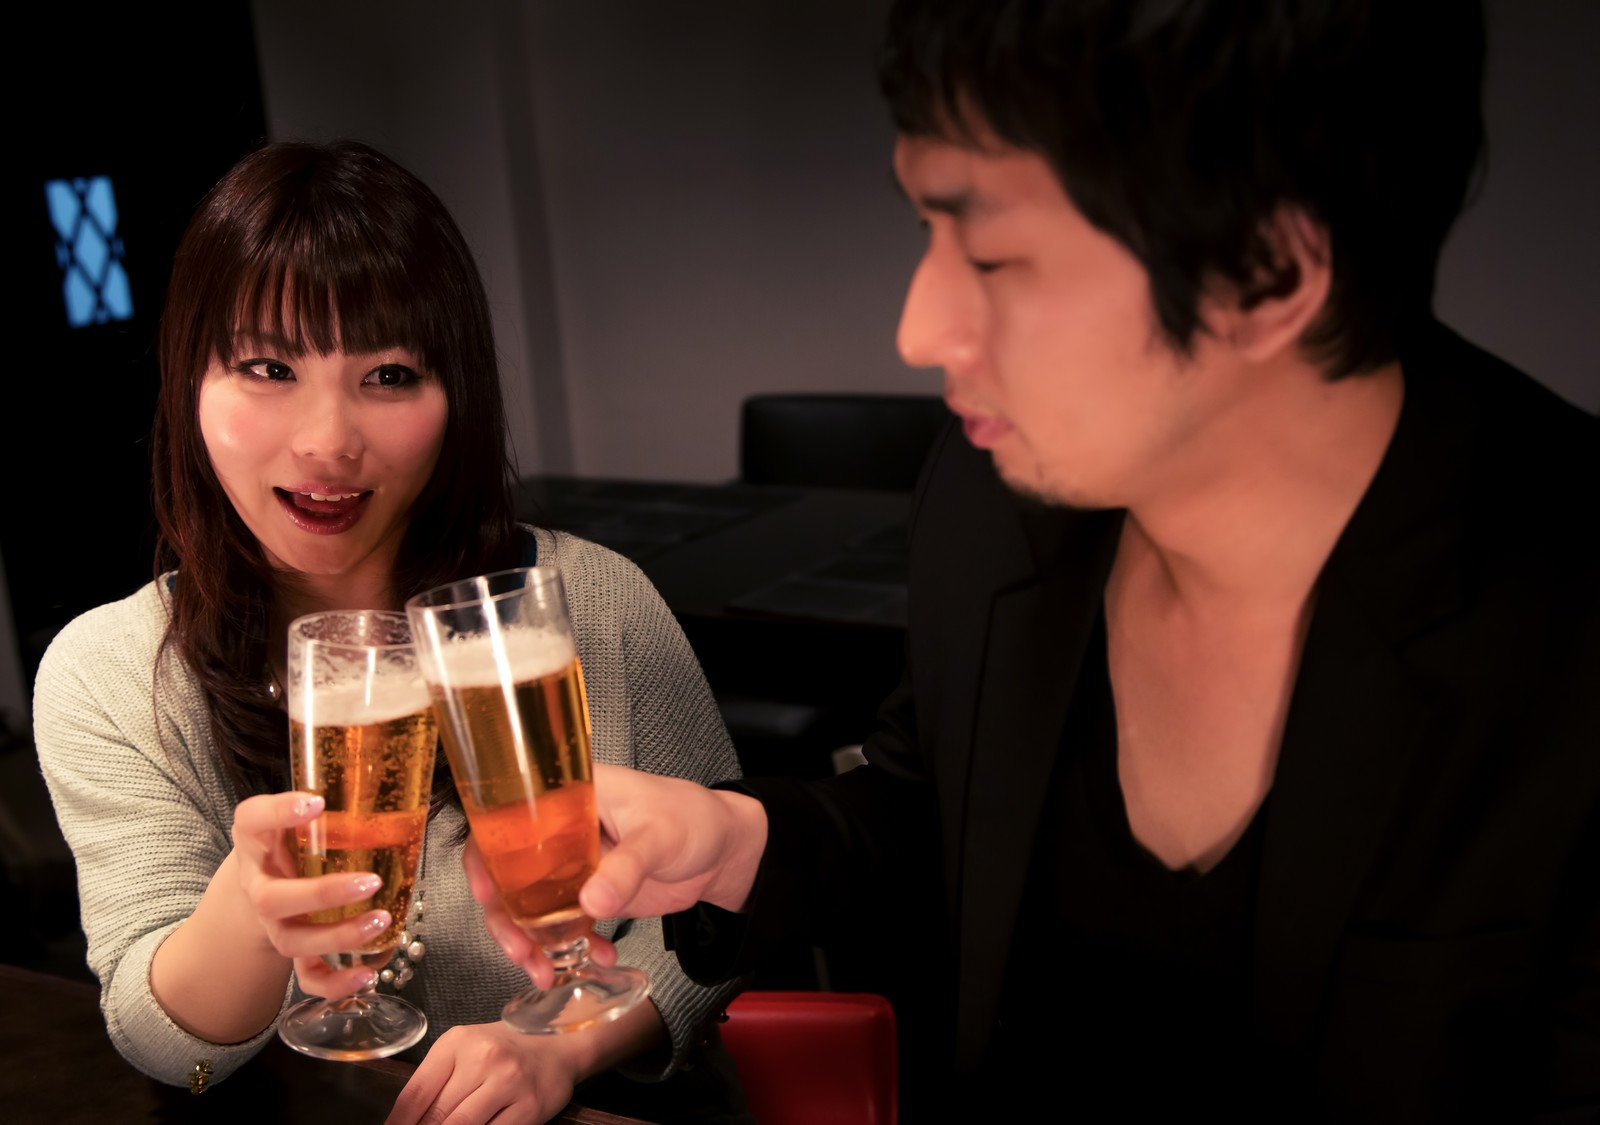 意外!飲み会やデートで本当にモテるお酒、男女ともに1位はビール